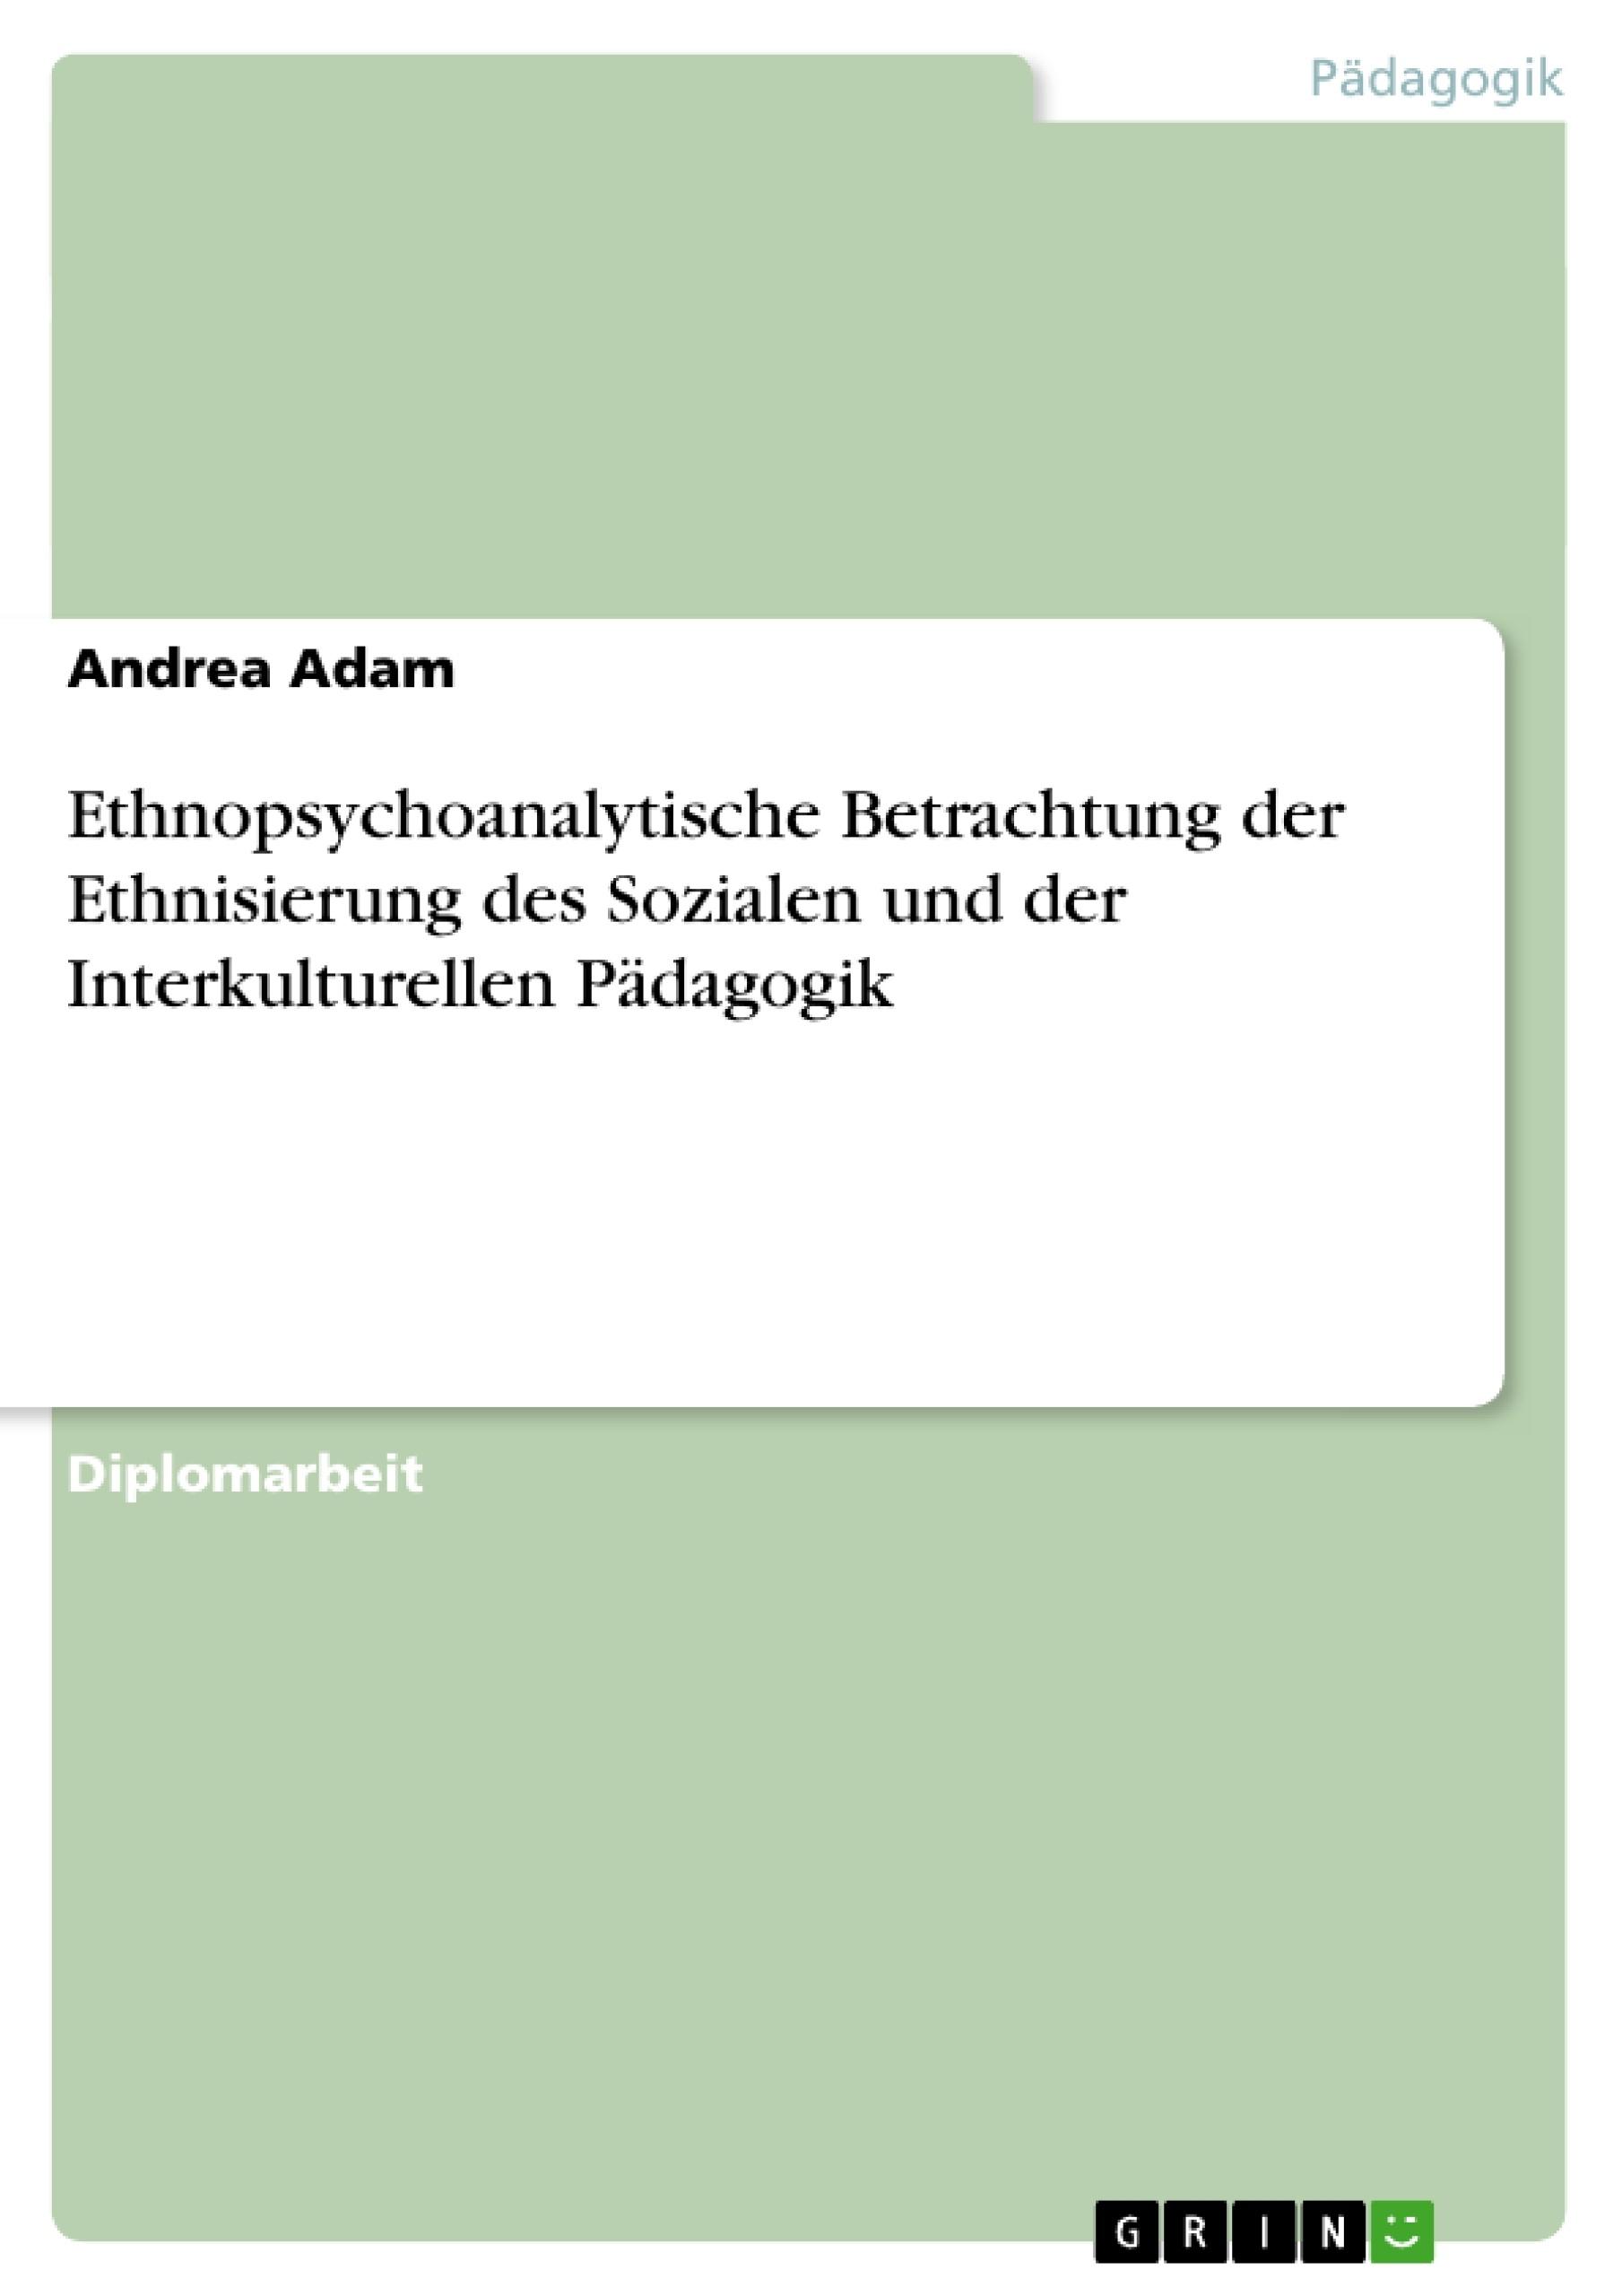 Titel: Ethnopsychoanalytische Betrachtung der Ethnisierung des Sozialen und der Interkulturellen Pädagogik